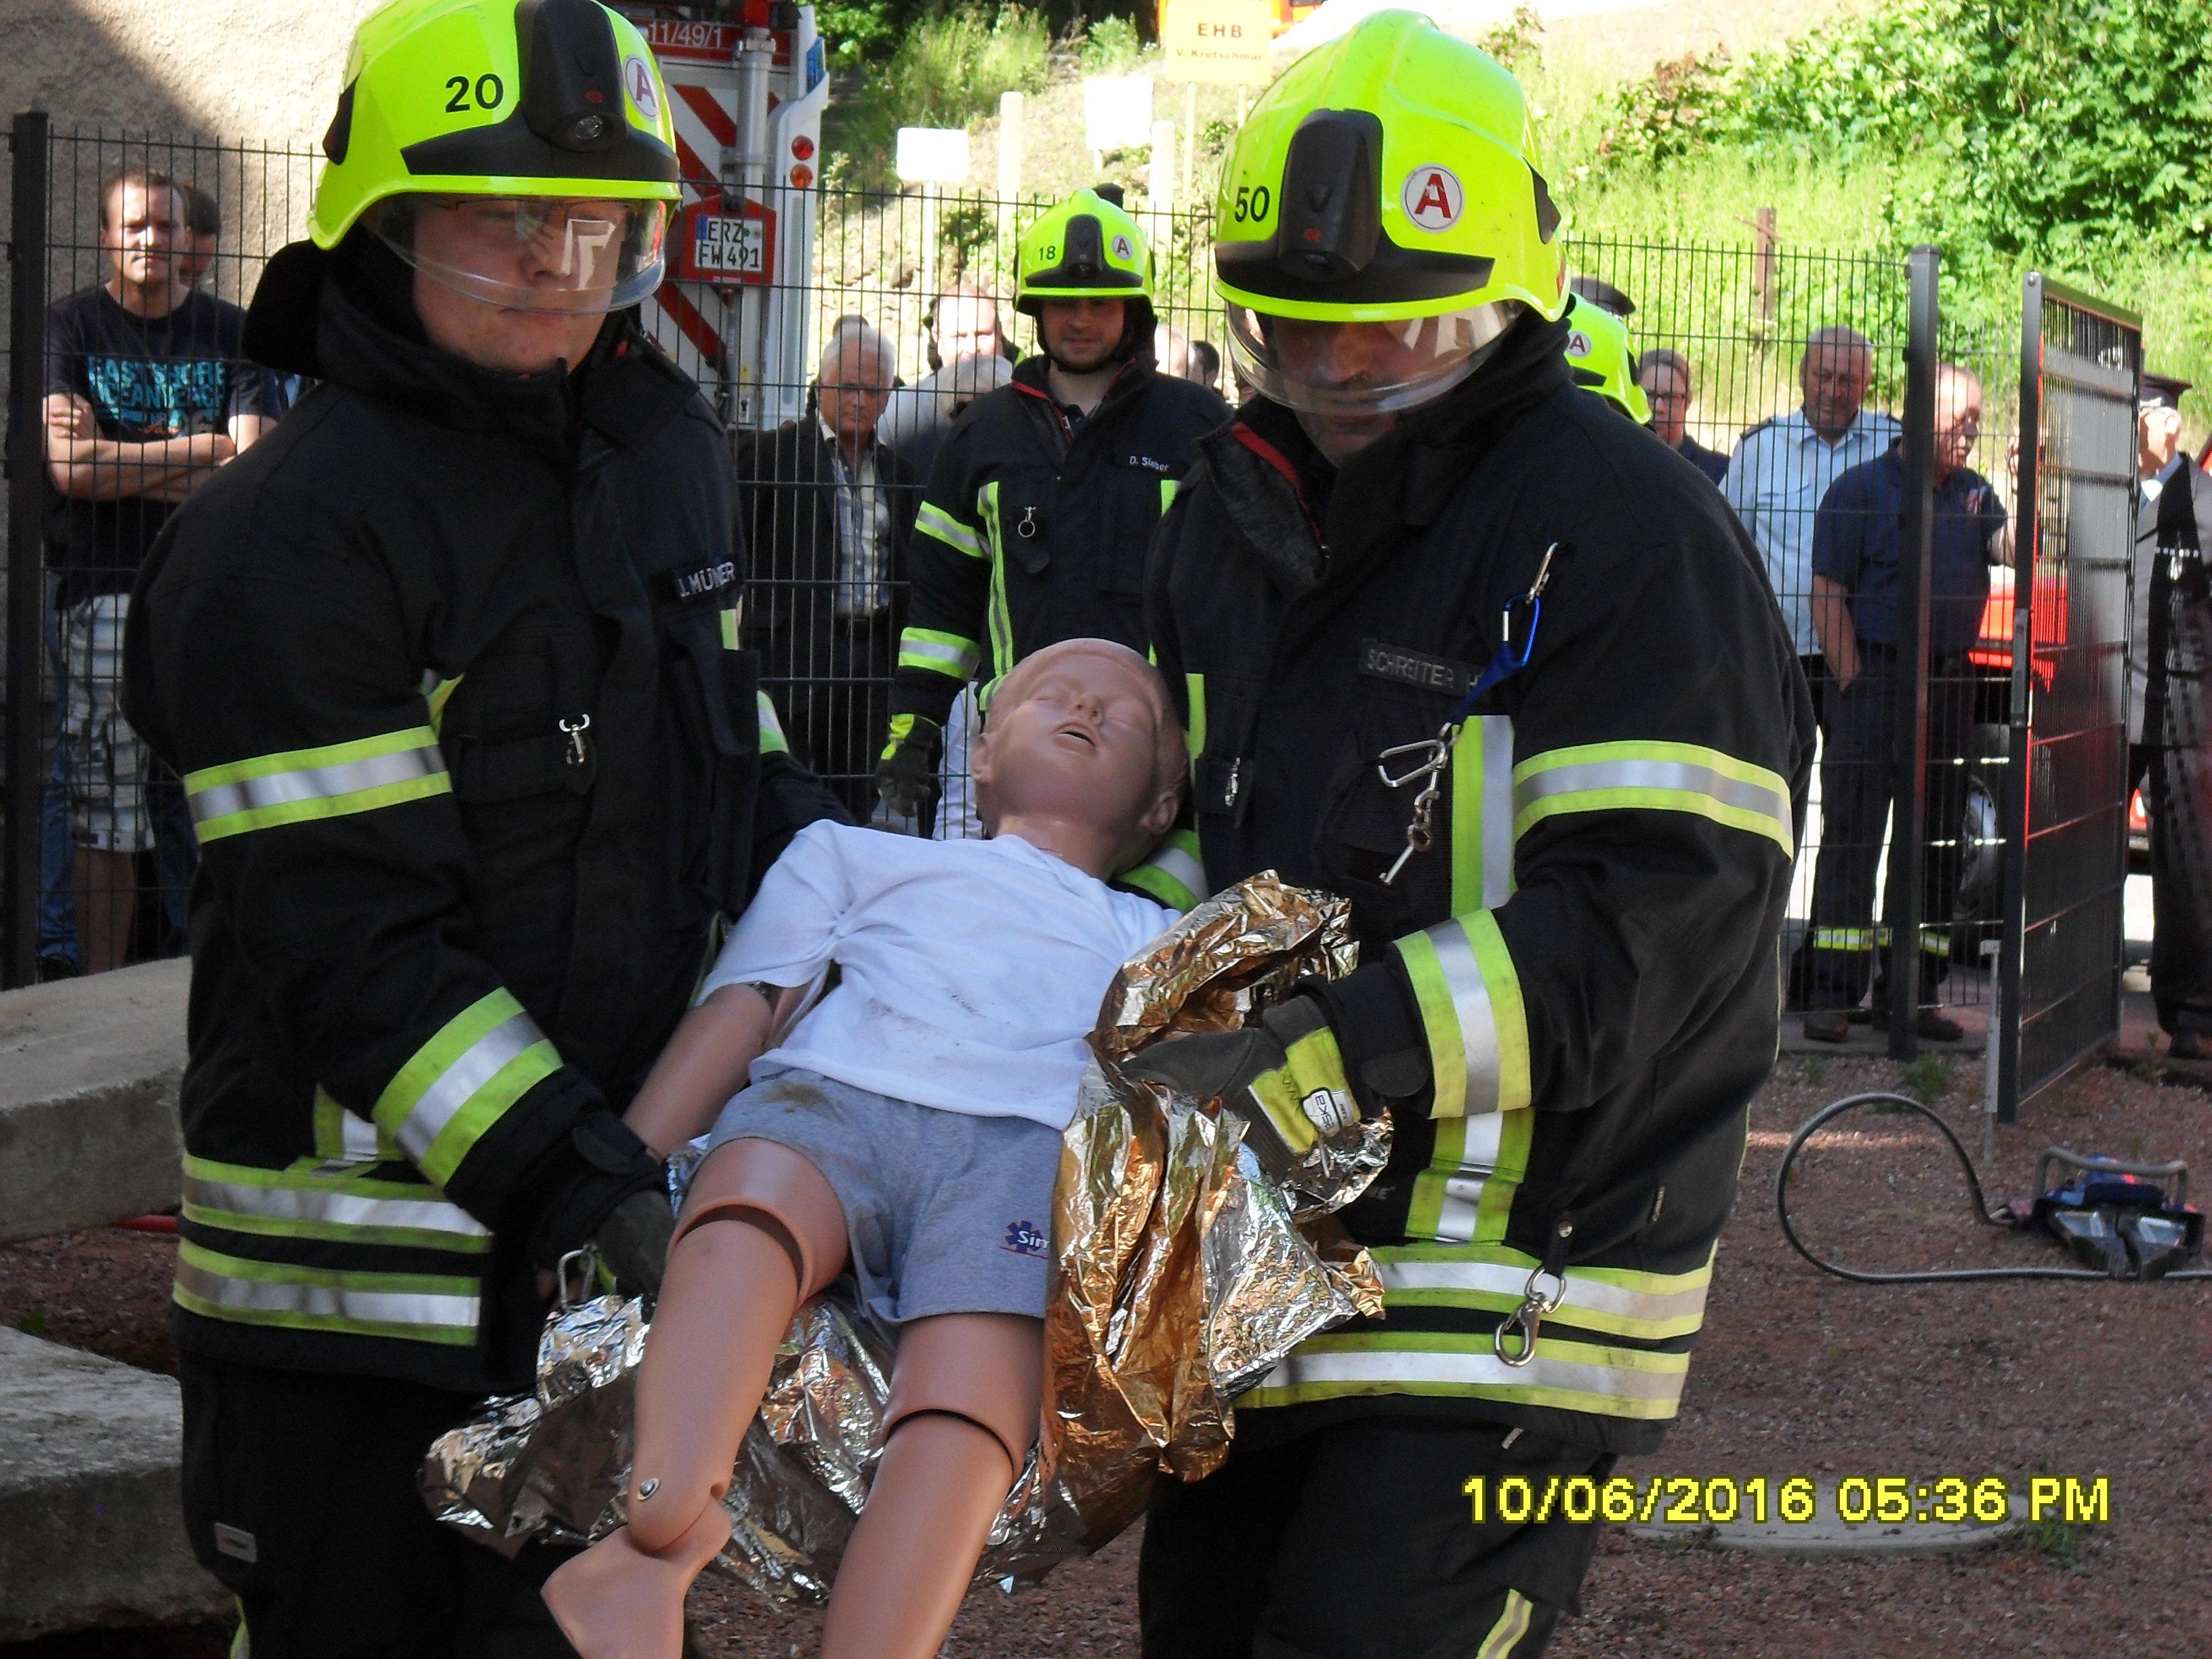 Feuerwehr Zschopau DAZ 4